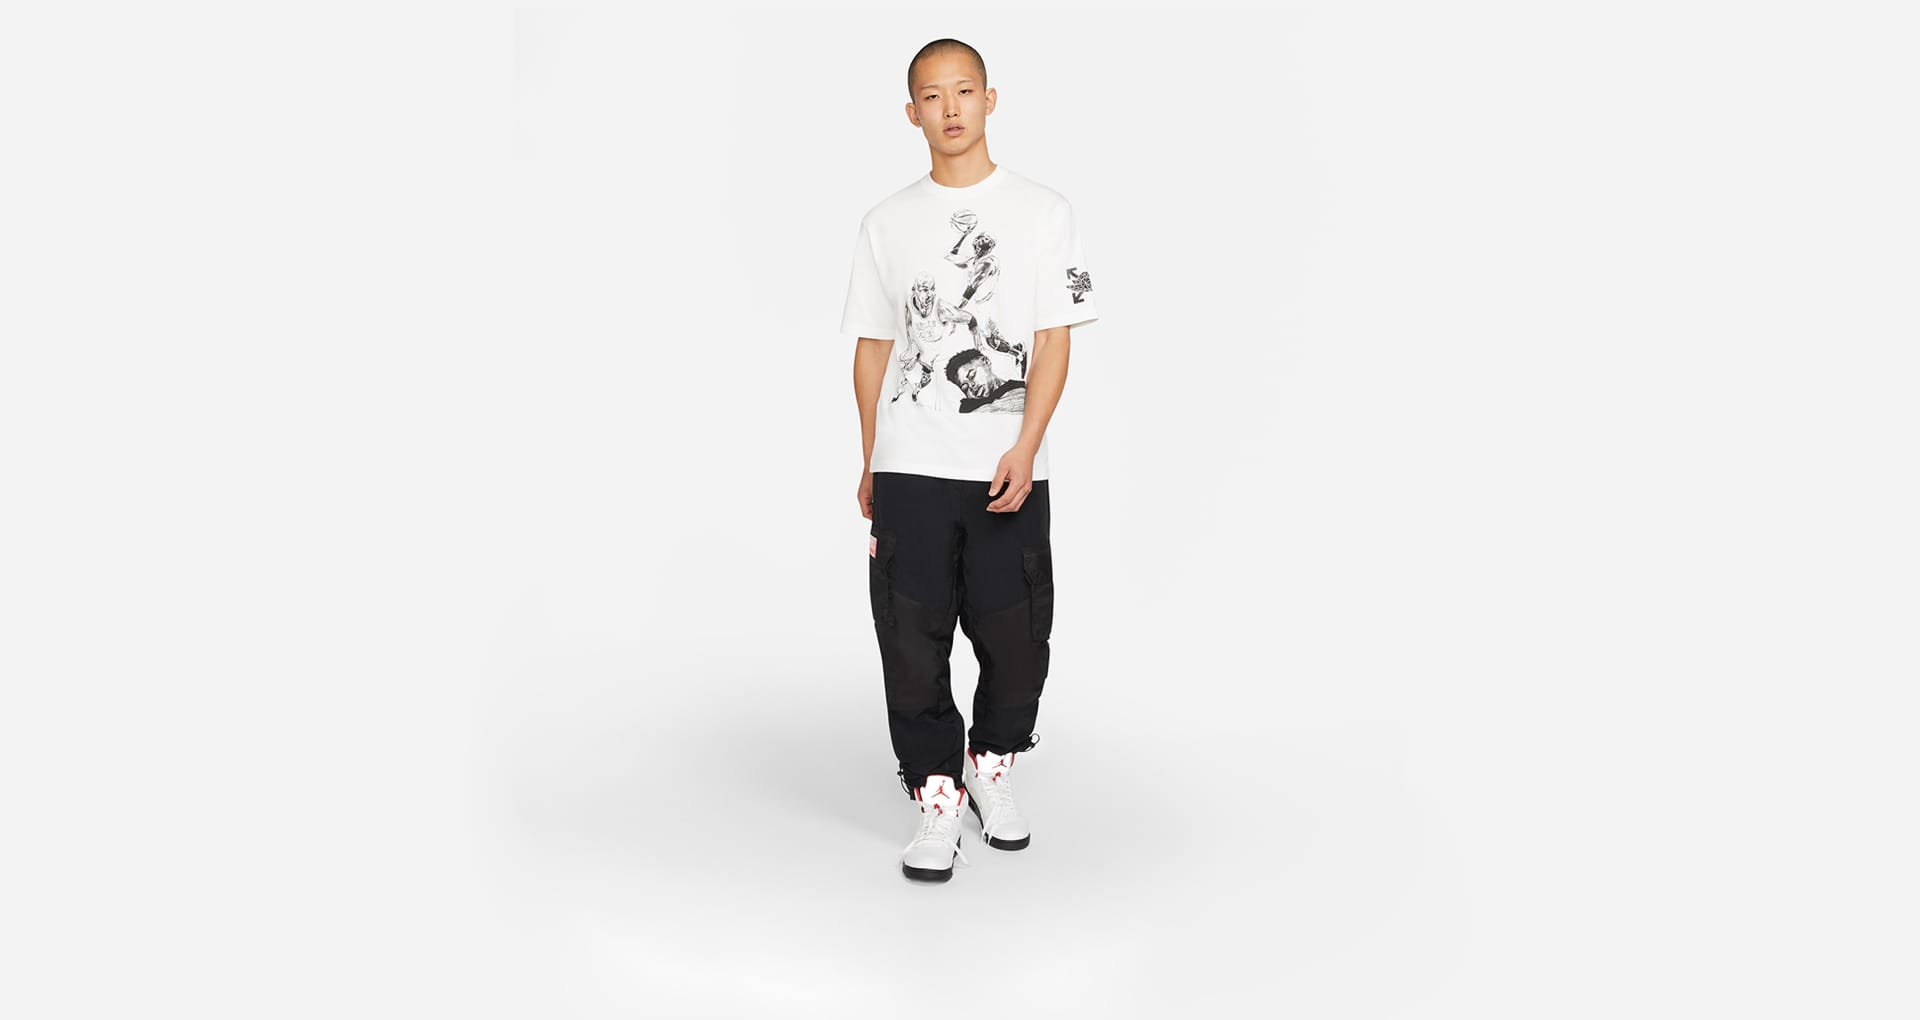 ジョーダン x Off-White™ Apparel Collectionが12月16日より発売開始!